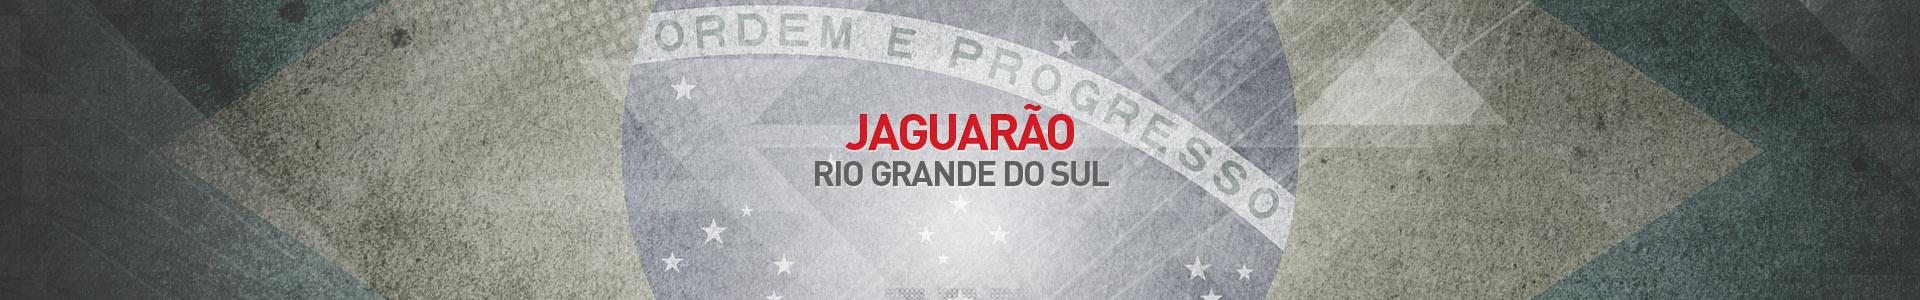 Topo-Cidades-Jaguarao-SBA